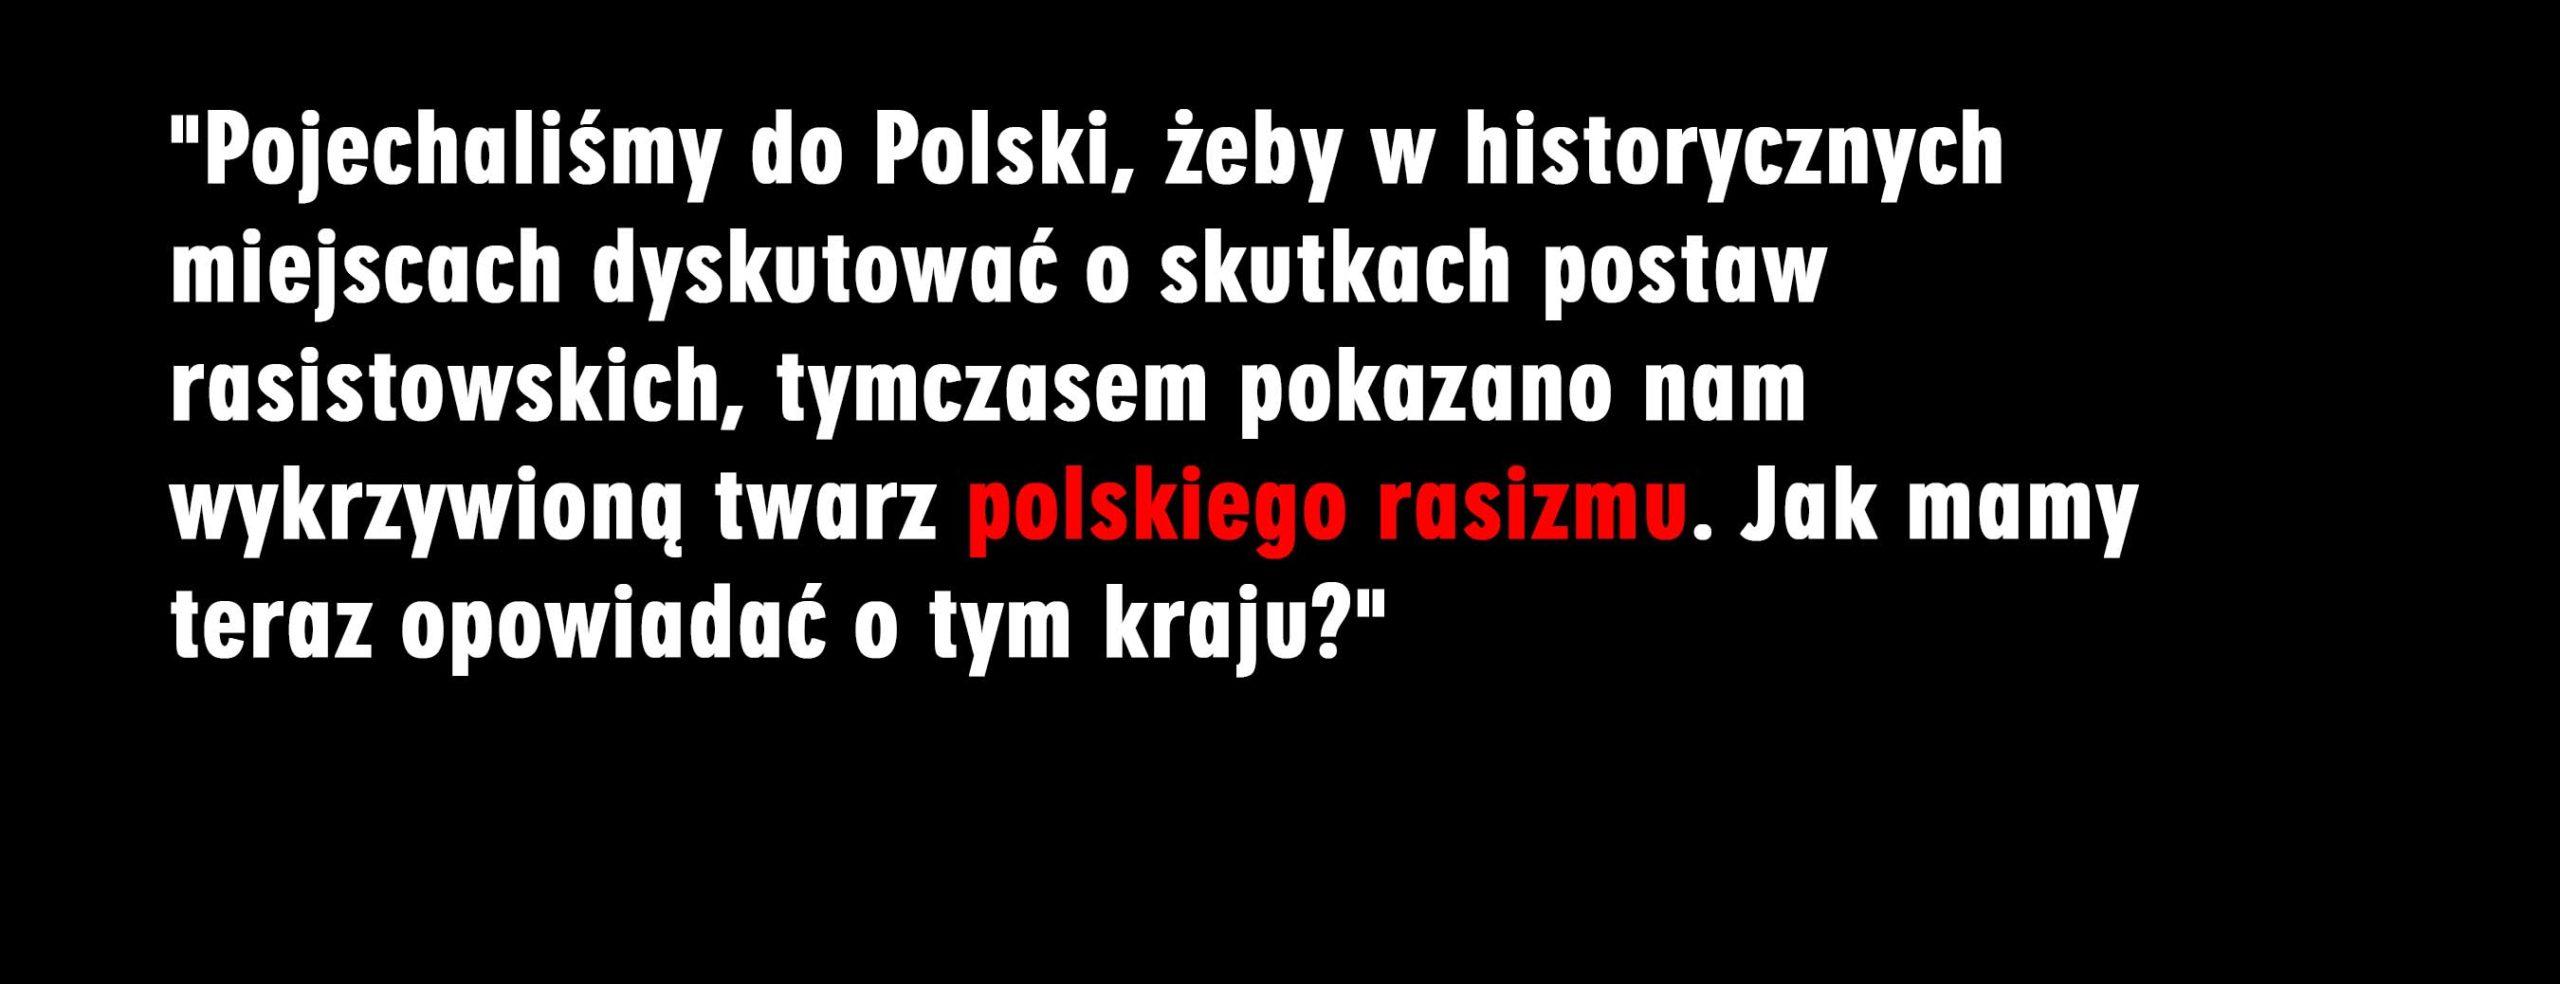 Rasizm nasz powszedni – relacja z pewnej wycieczki do Polski